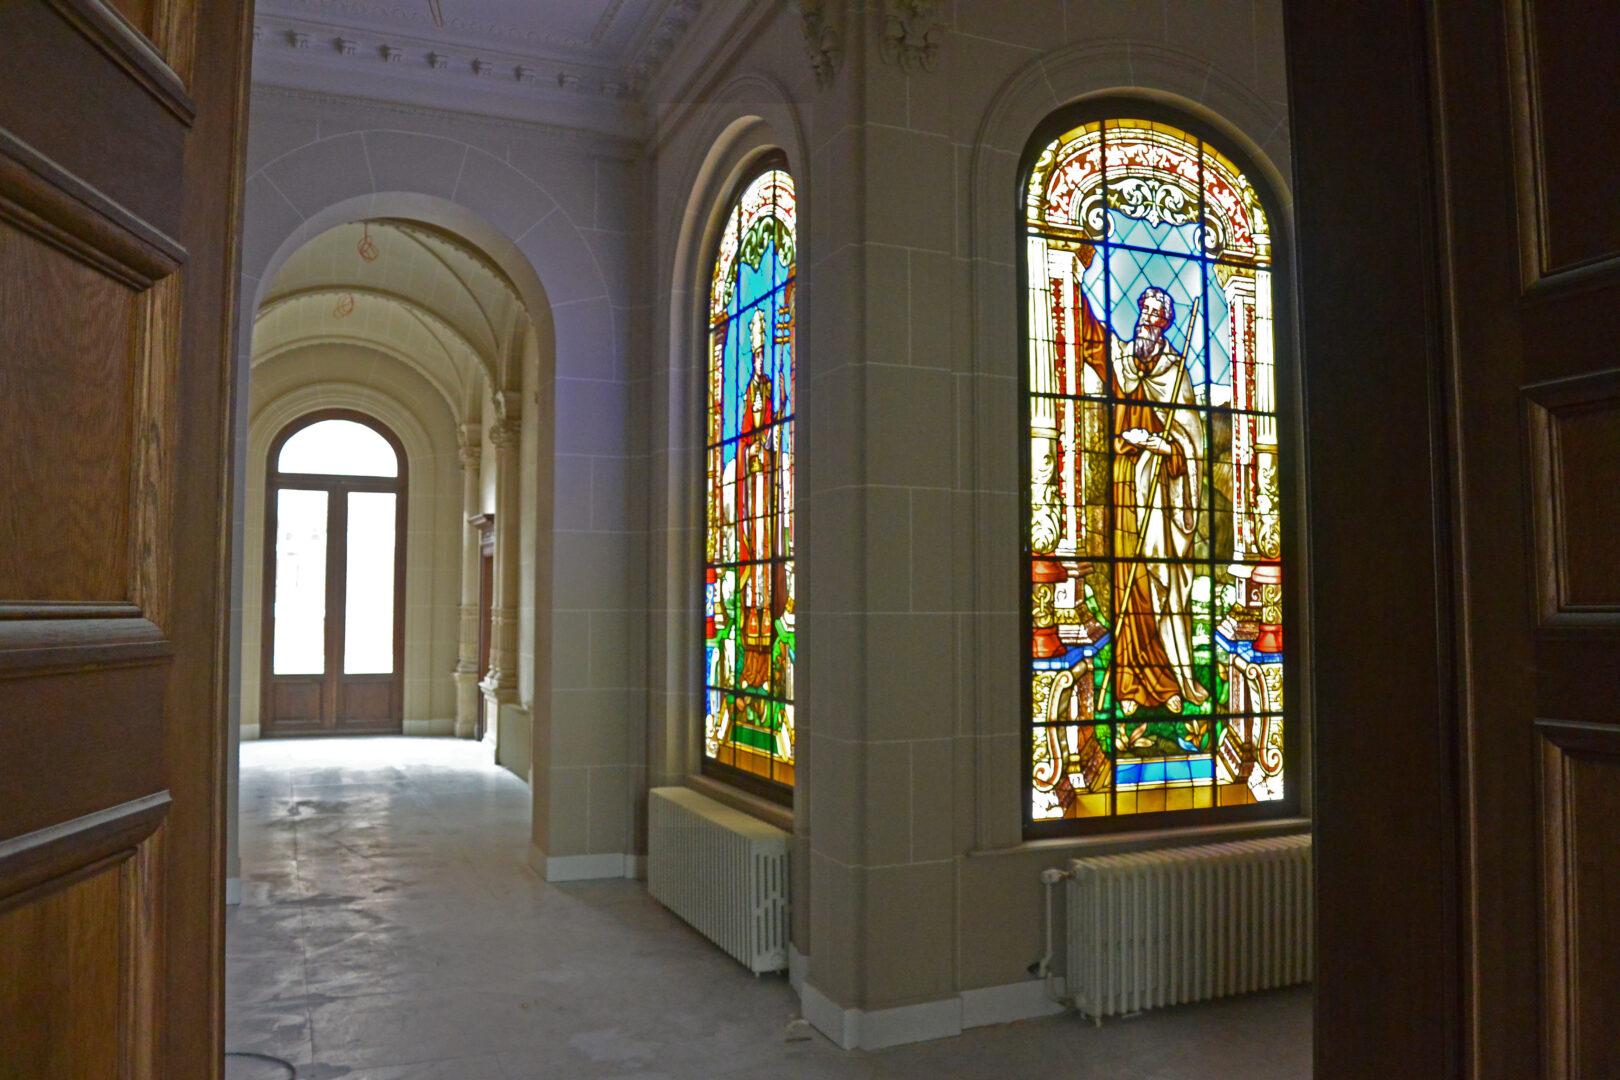 Restauratie en reconstructie 19e-eeuwse brandglasramen in Hotel Empain (Brussel) - © Atelier Mestdagh